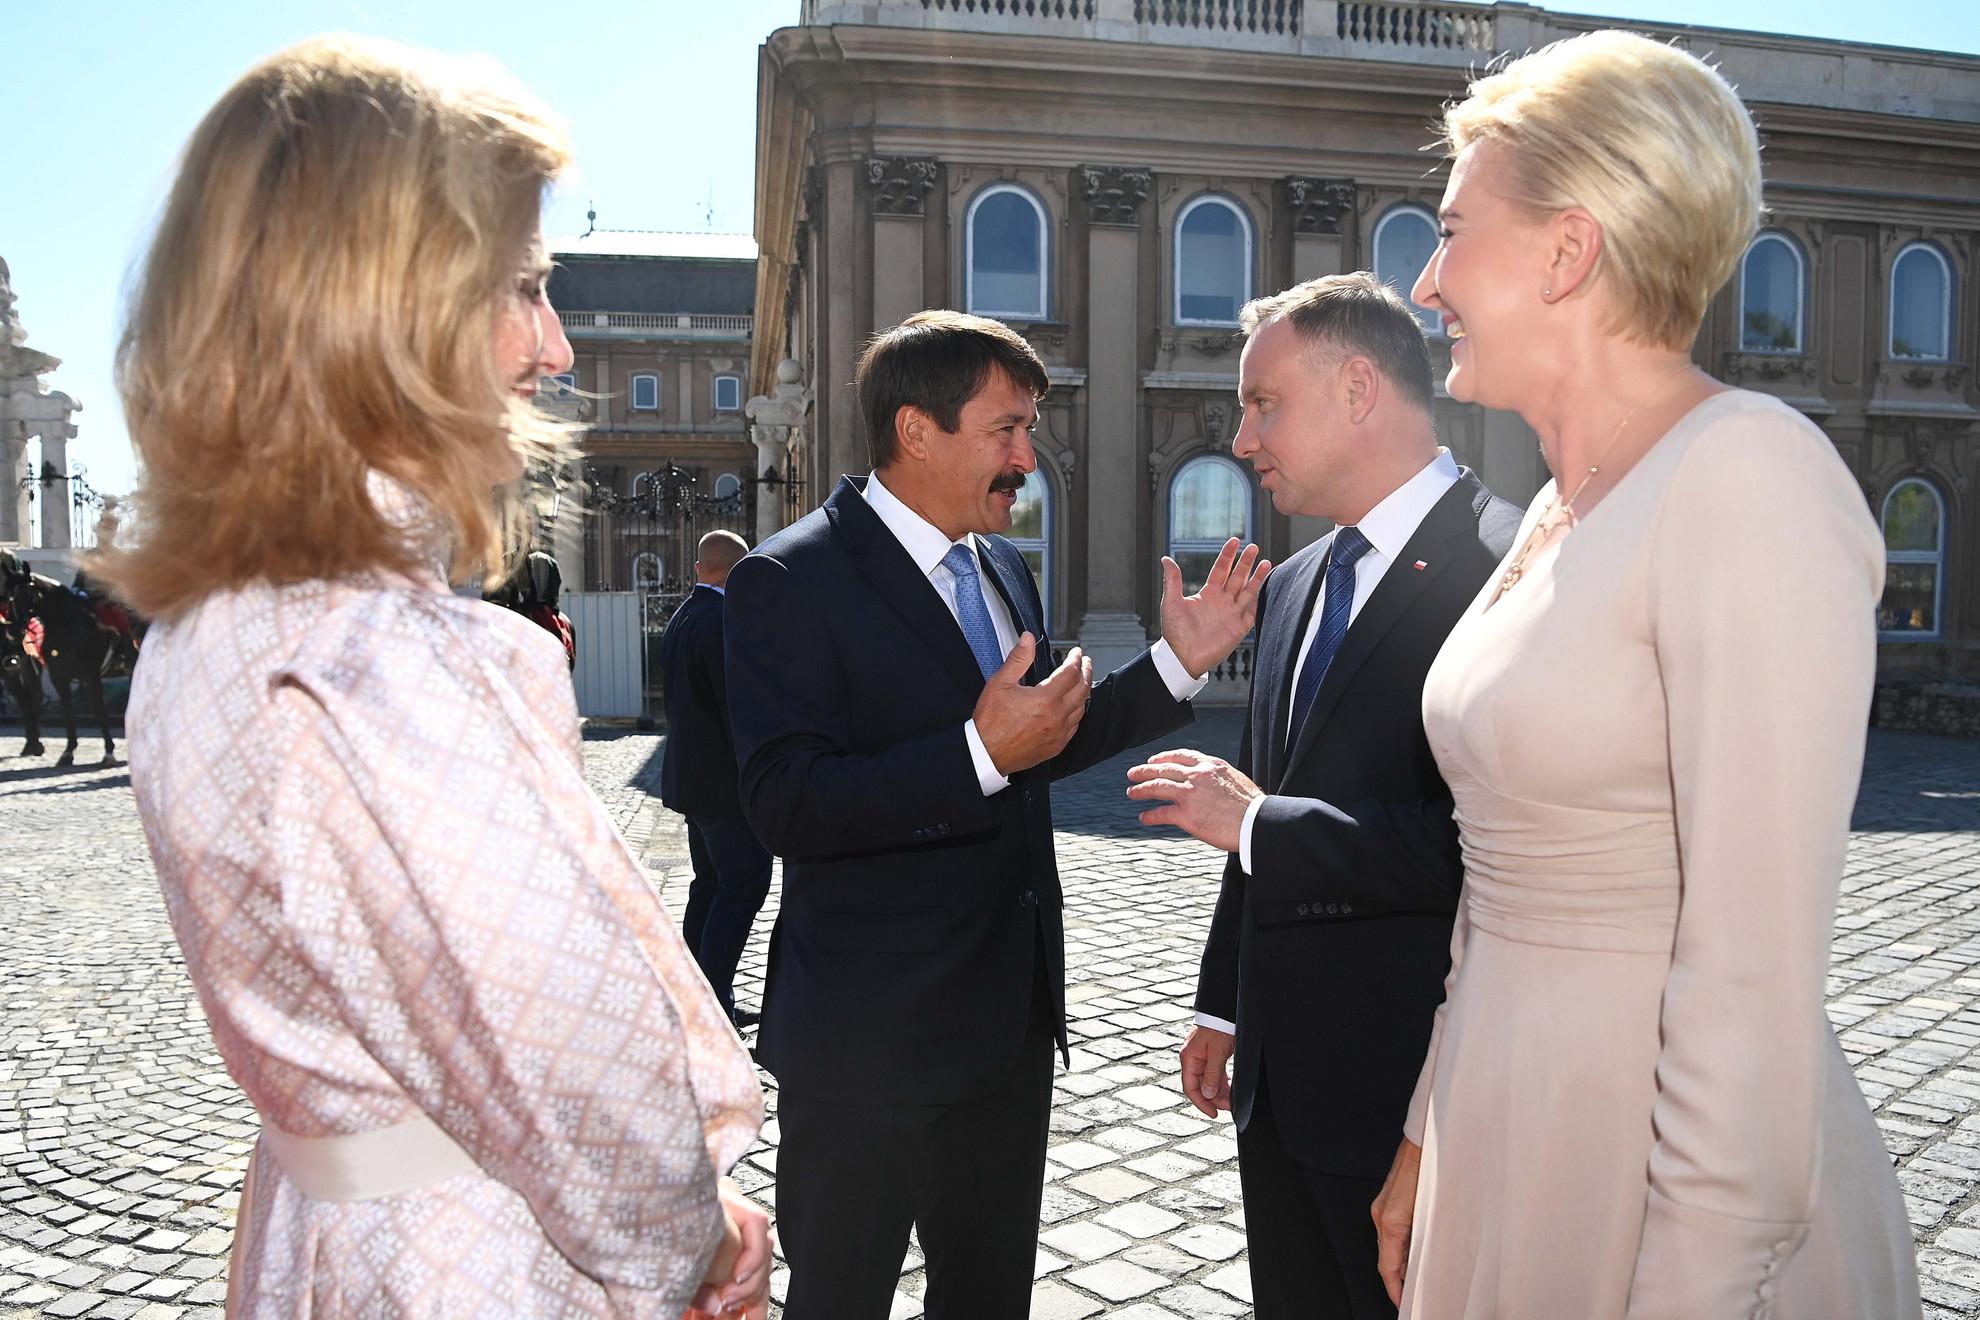 Áder János köztársasági elnök (b2) és felesége, Herczegh Anita (b) fogadja Andrzej Duda lengyel államfőt (j2) és feleségét, Agata Kornhauser-Dudát (j) a Sándor-palota előtt, a Szent György téren 2021. szeptember 9-én